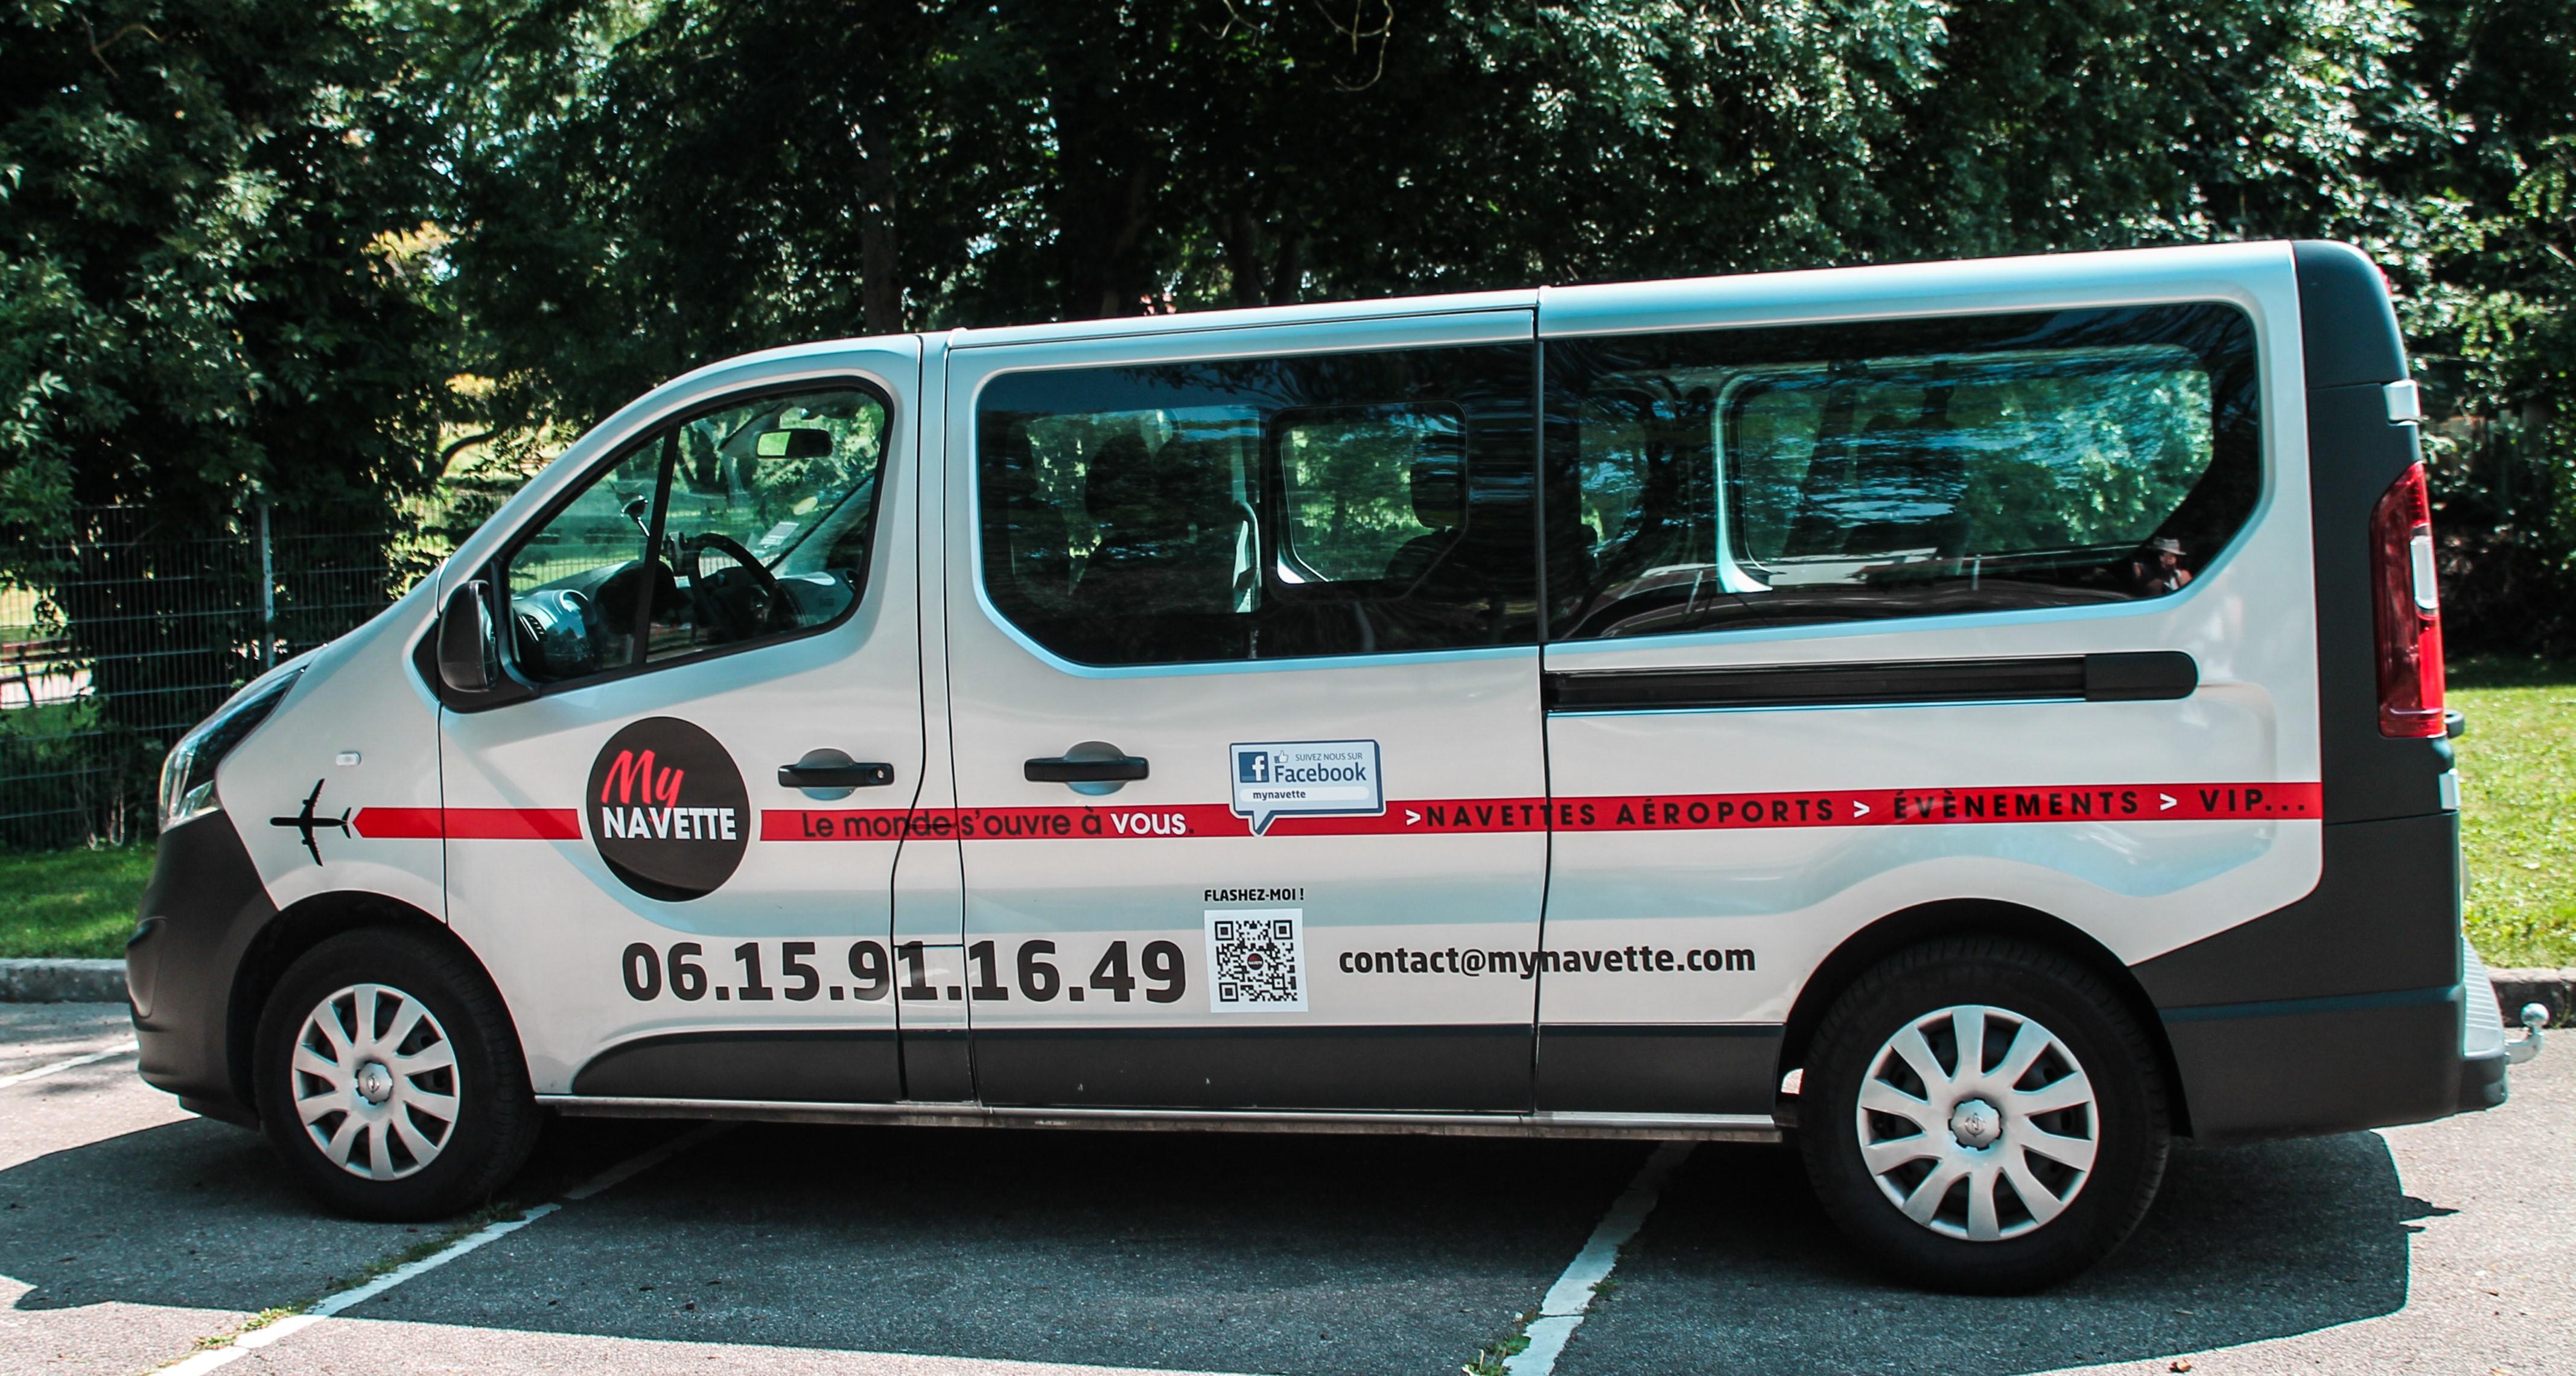 MyNAVETTE - Services de chauffeur privé